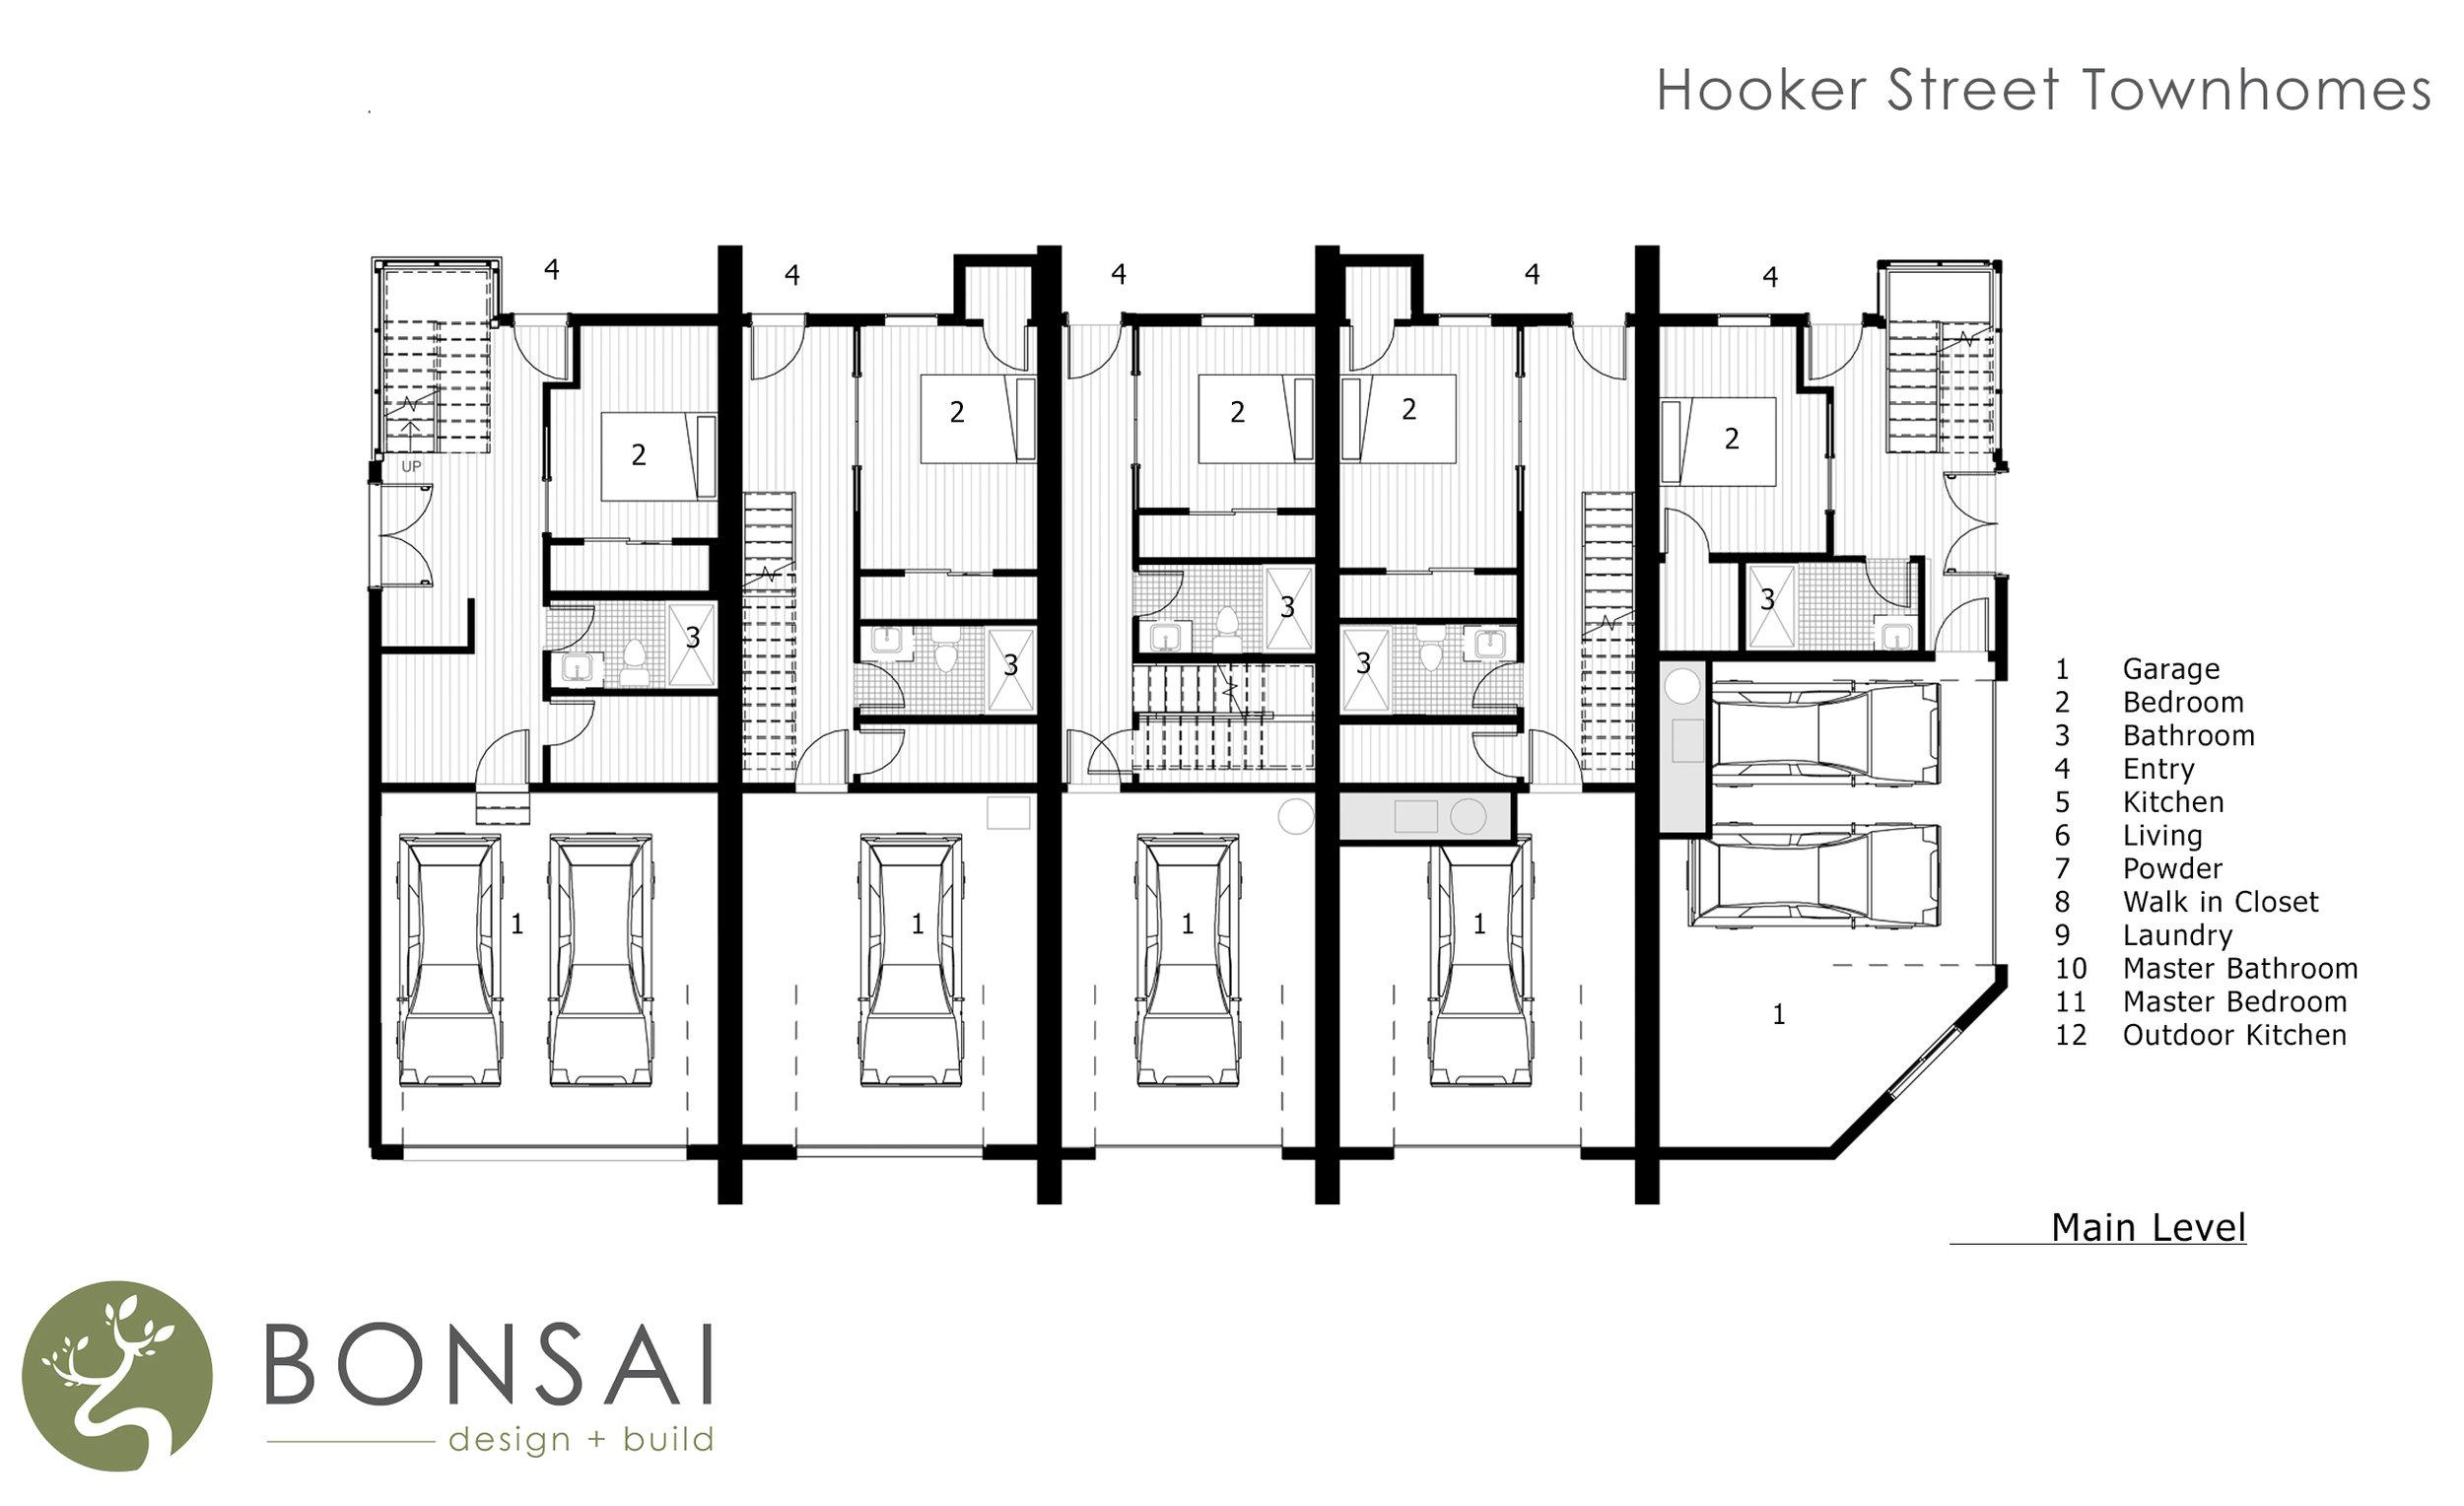 Hooker St Townhomes Main Level Plan.jpg